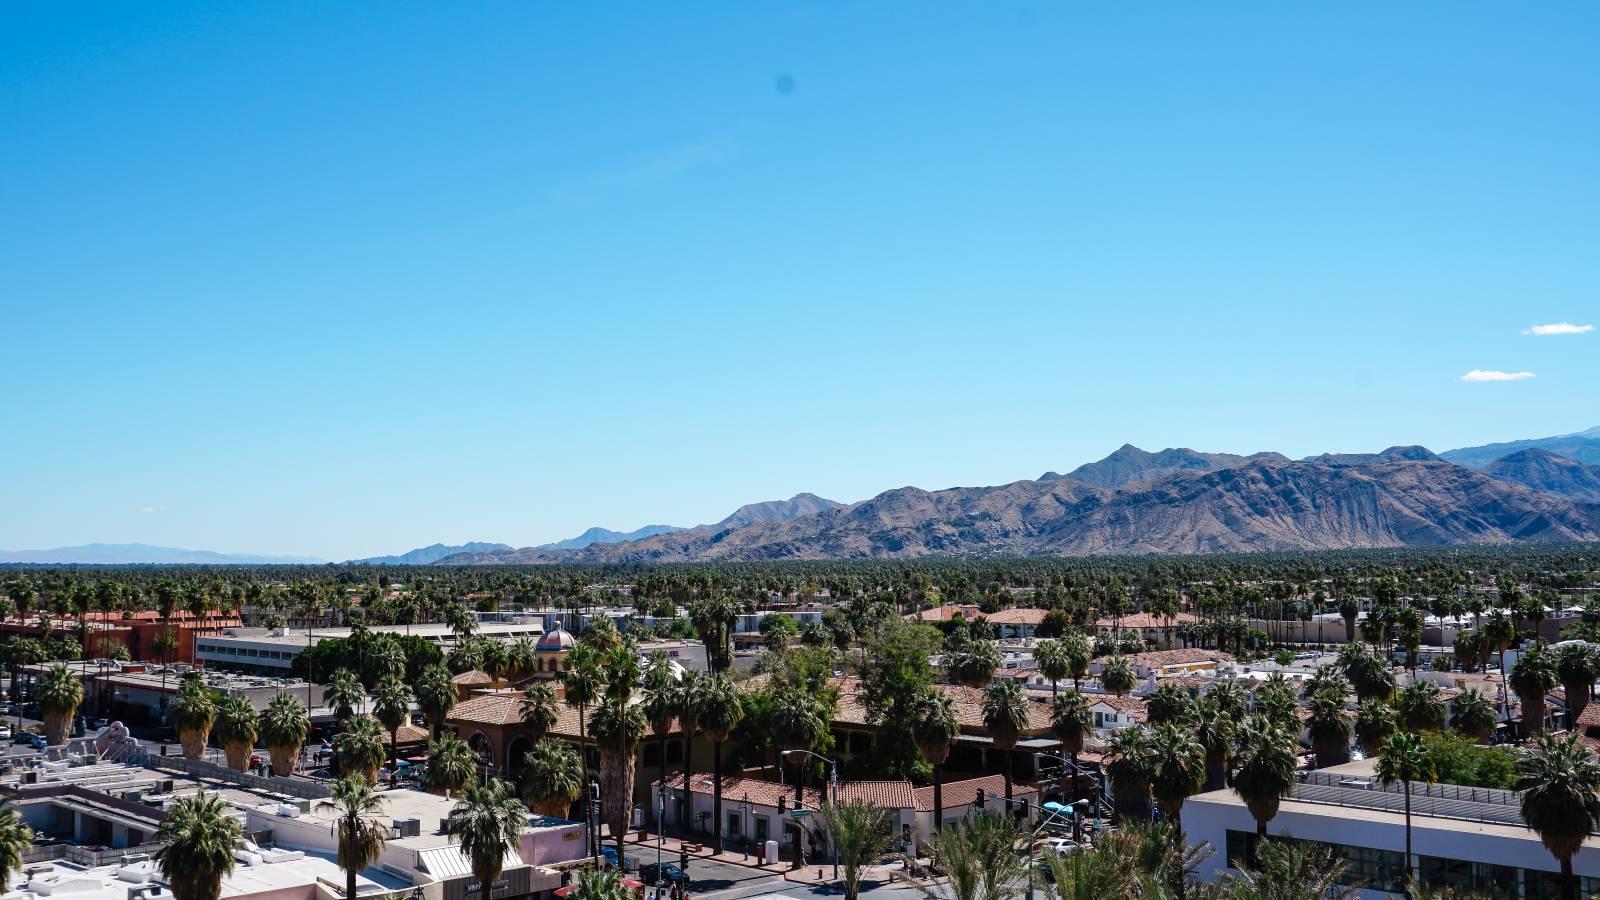 Rowan Palm Springs - Kimpton Hotel